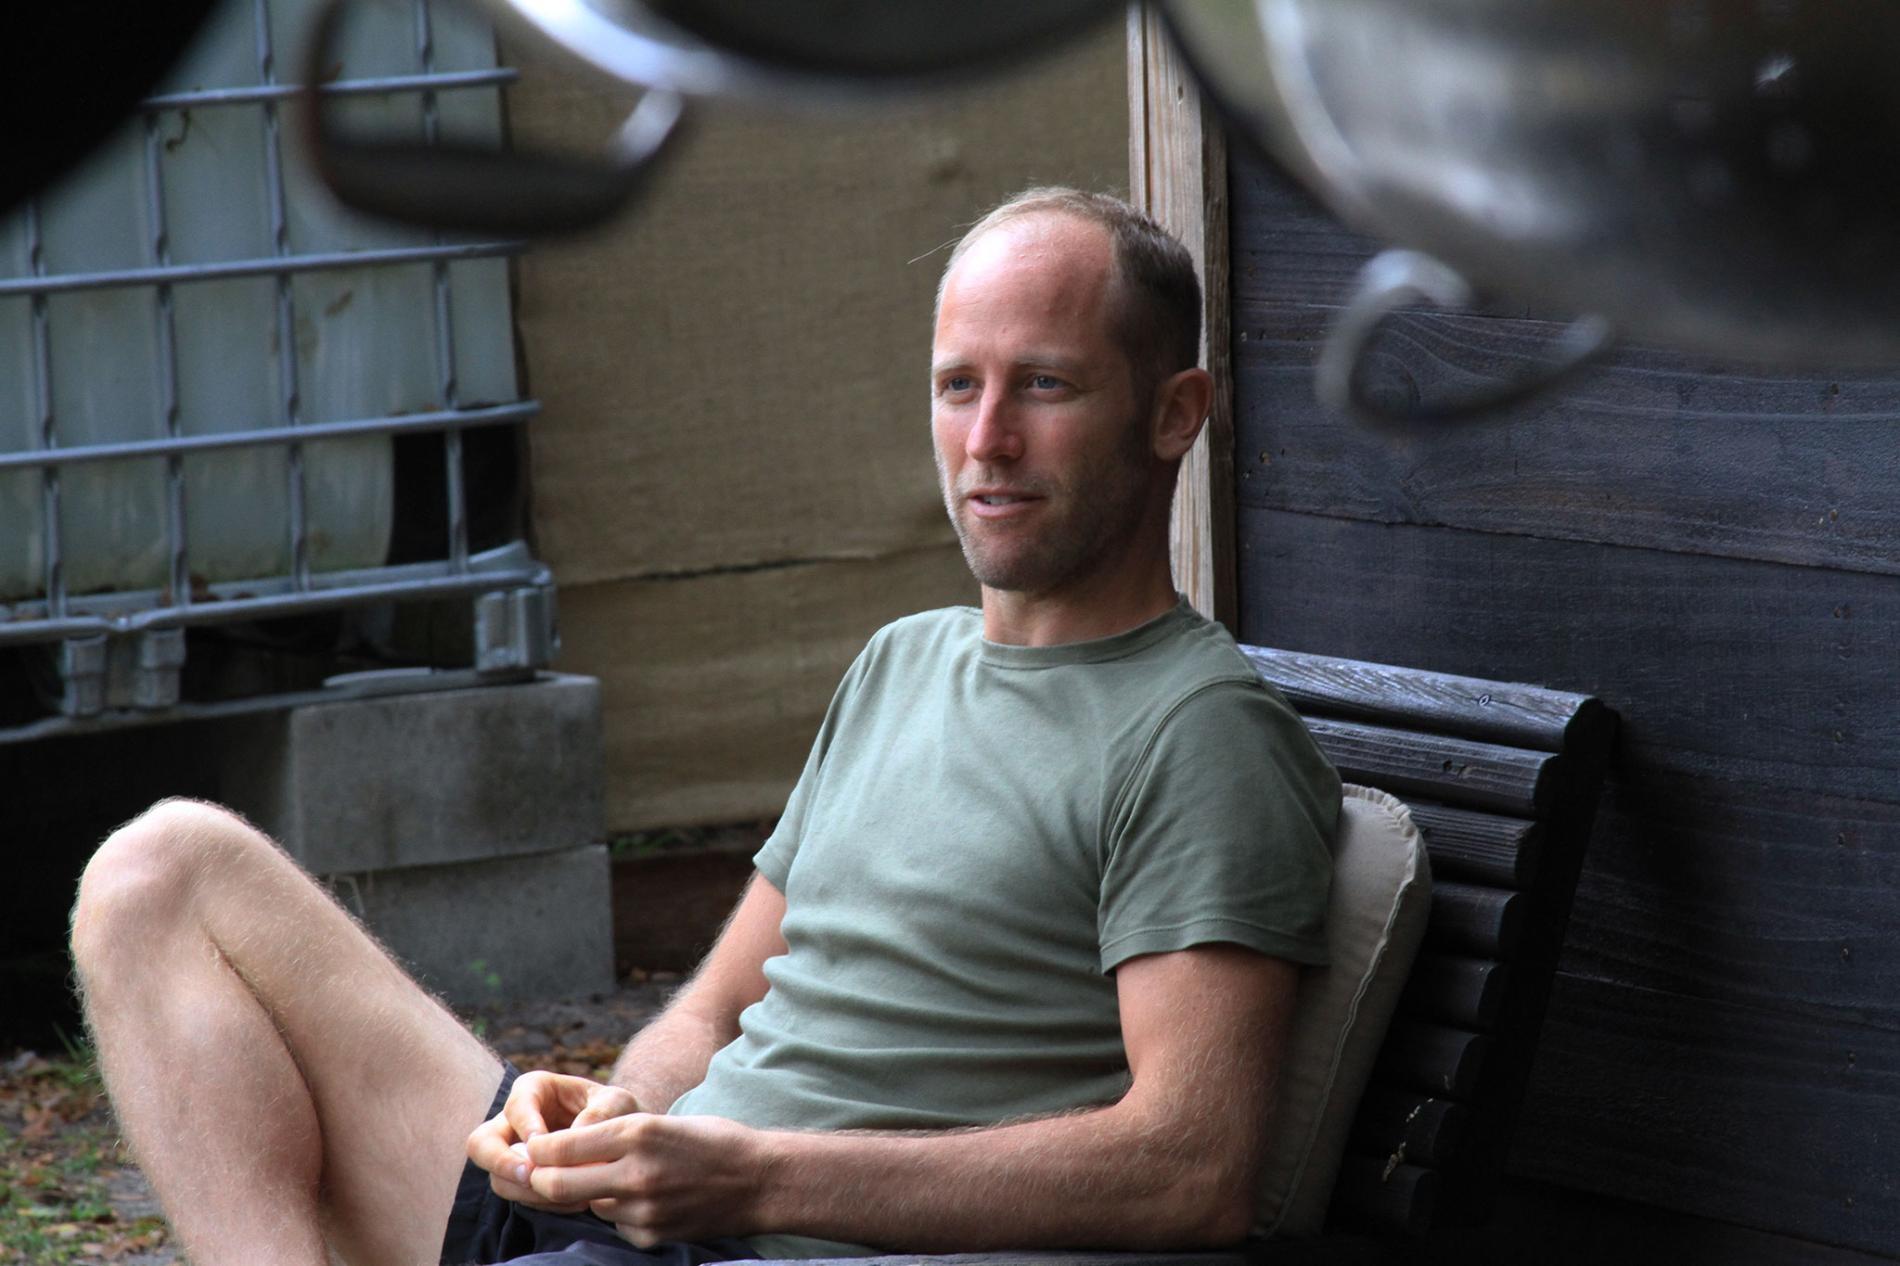 羅伯.格林費爾德正在進行一項實驗,實驗內容包括住在別人家後院的小房子裡,還要自己採集食物。攝影:JASON SCHMITT